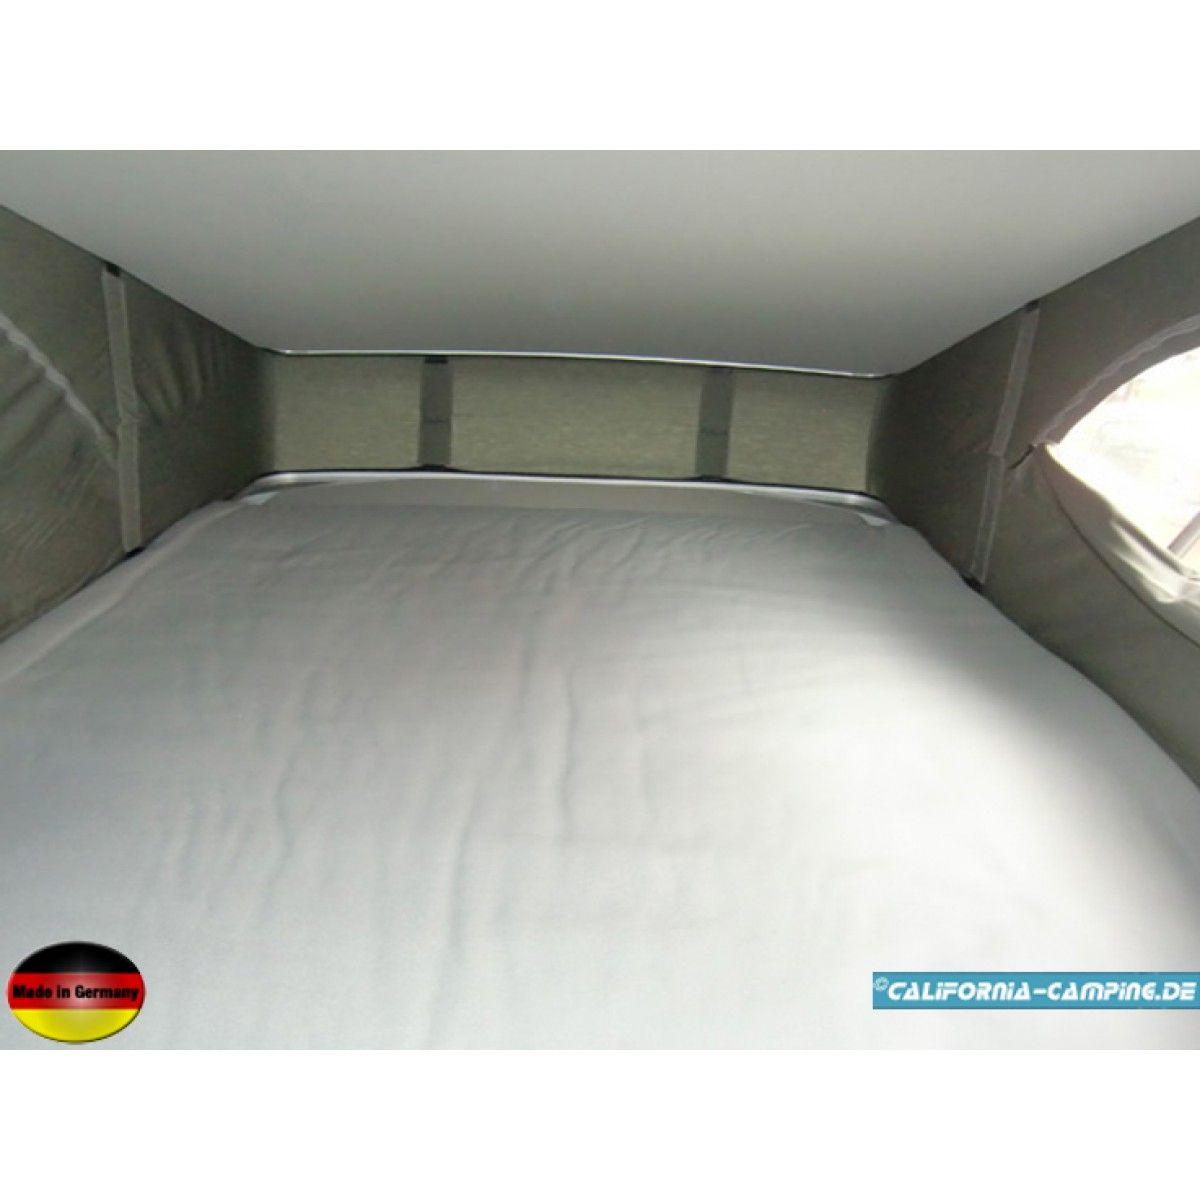 Moskitonetz Schiebetr Vw T5 Amp T6 Vanshower Insektenschutz